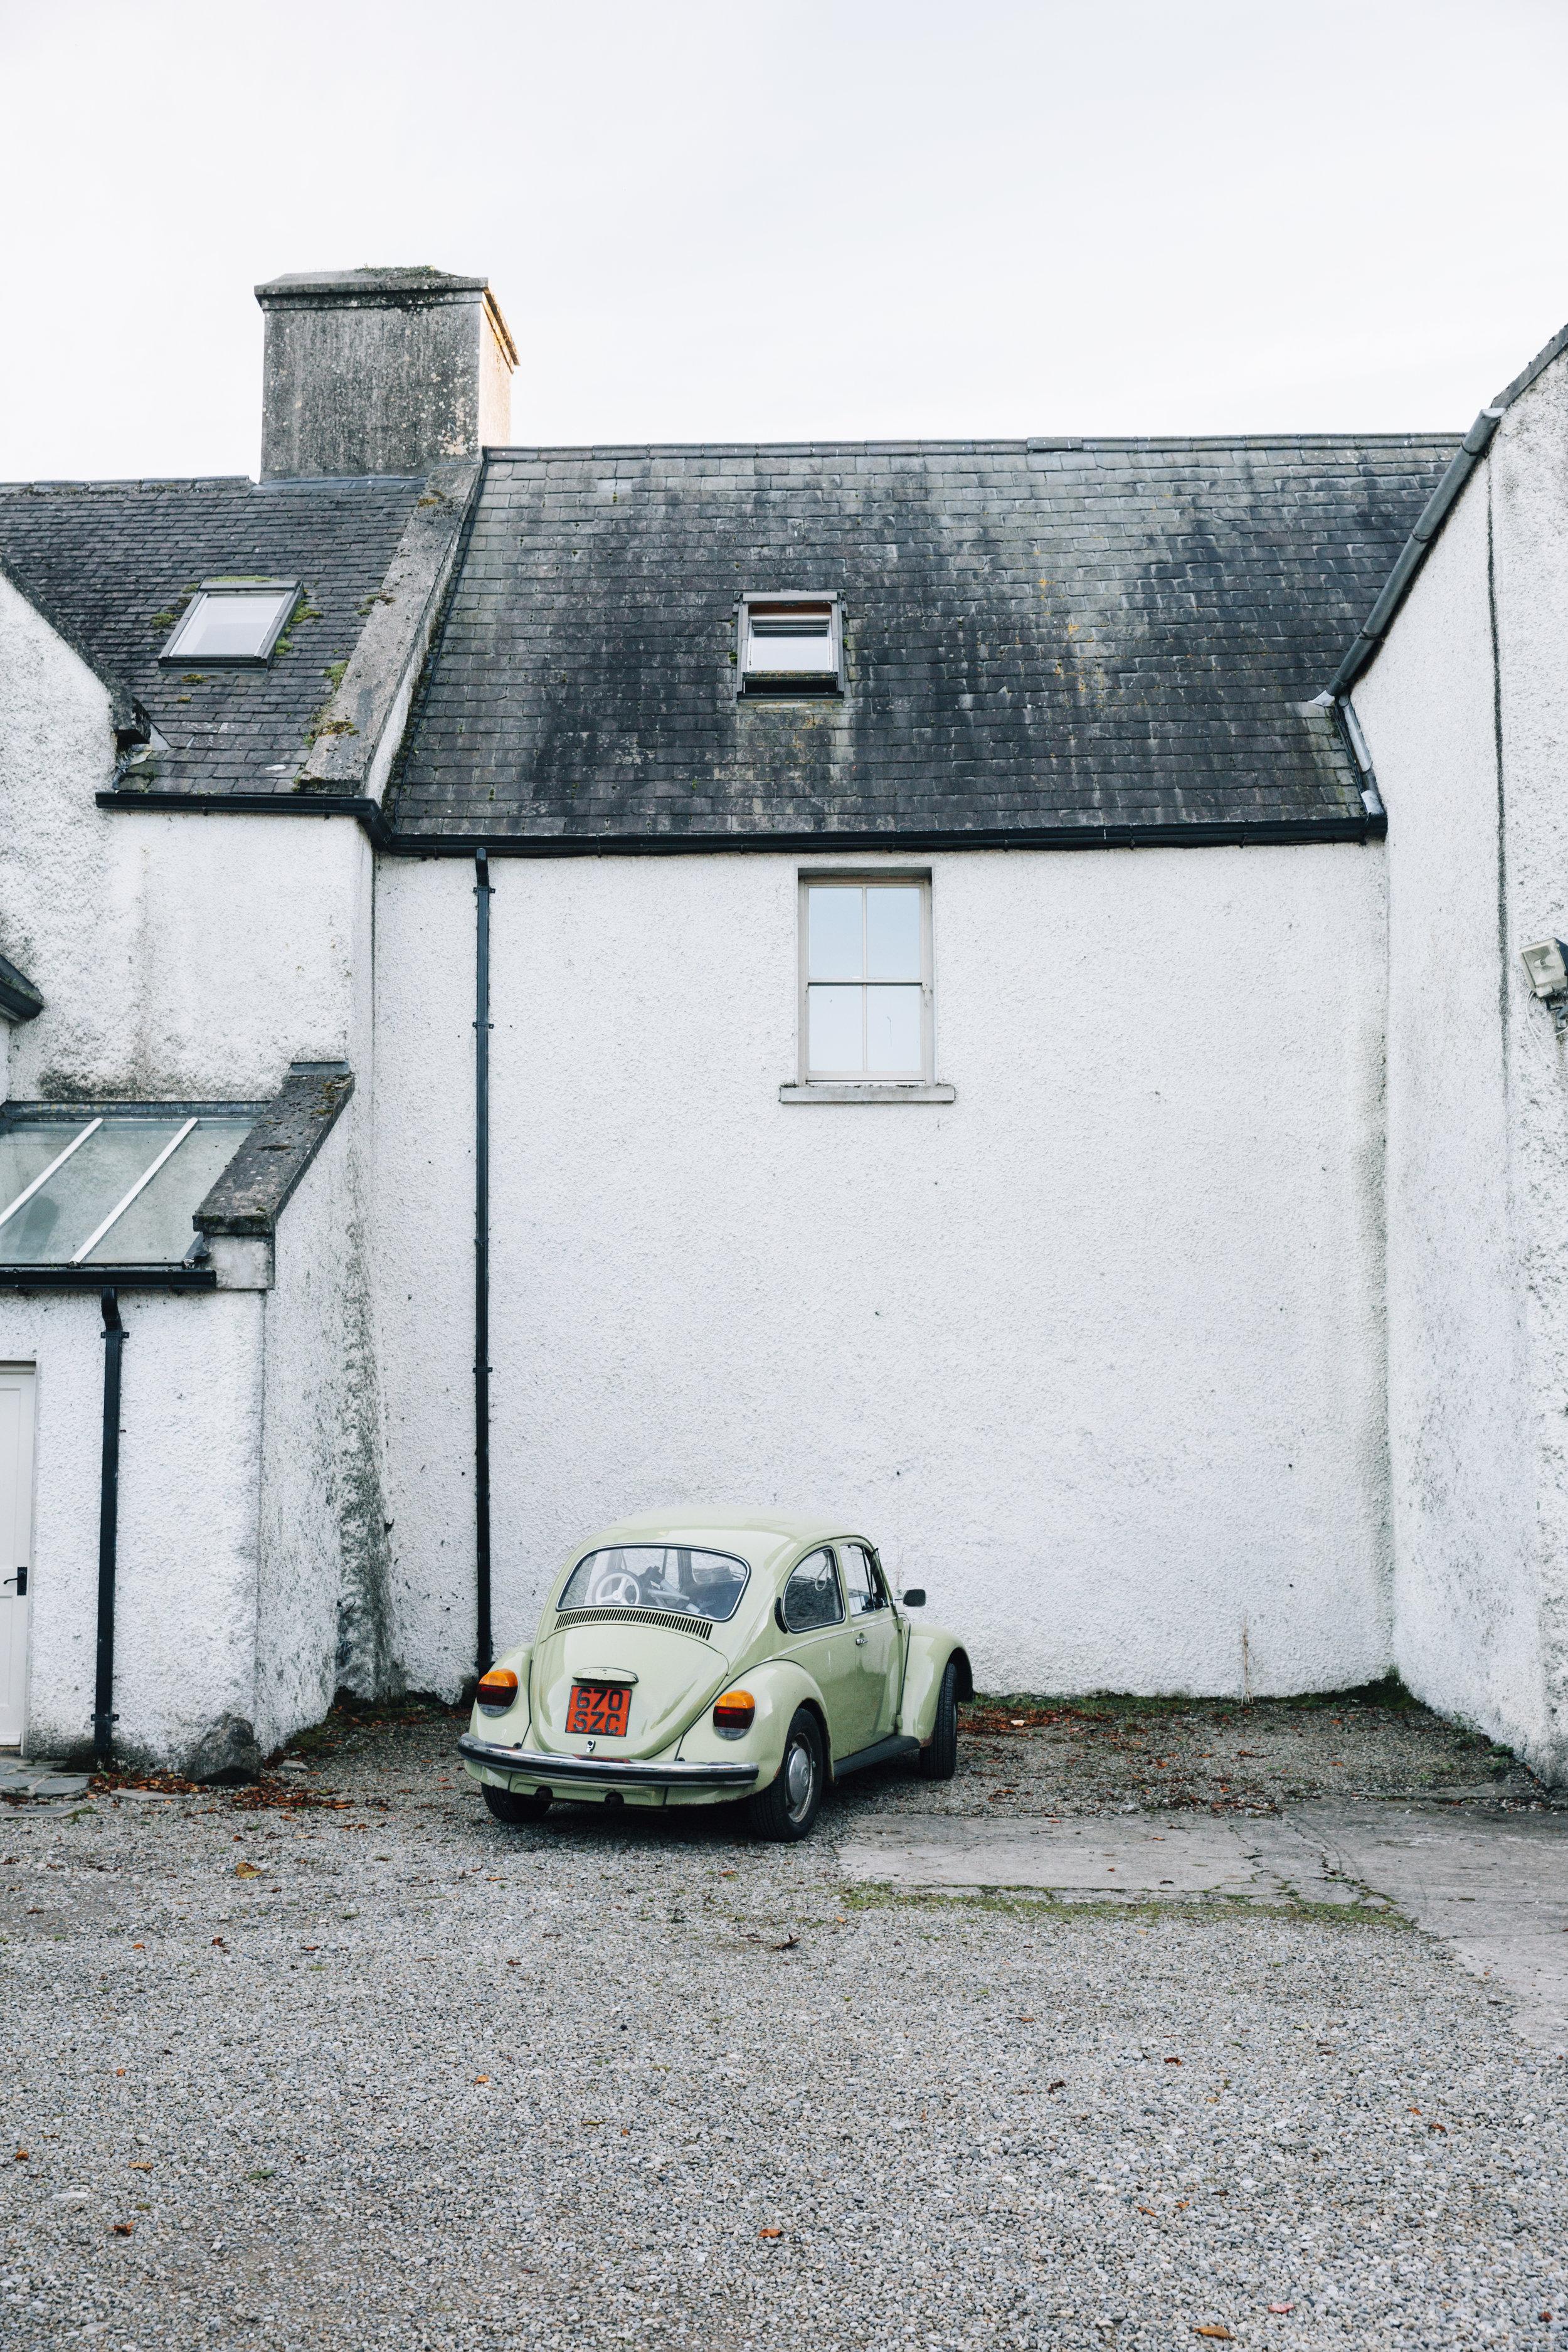 Cloughjordan House - Suech and Beck